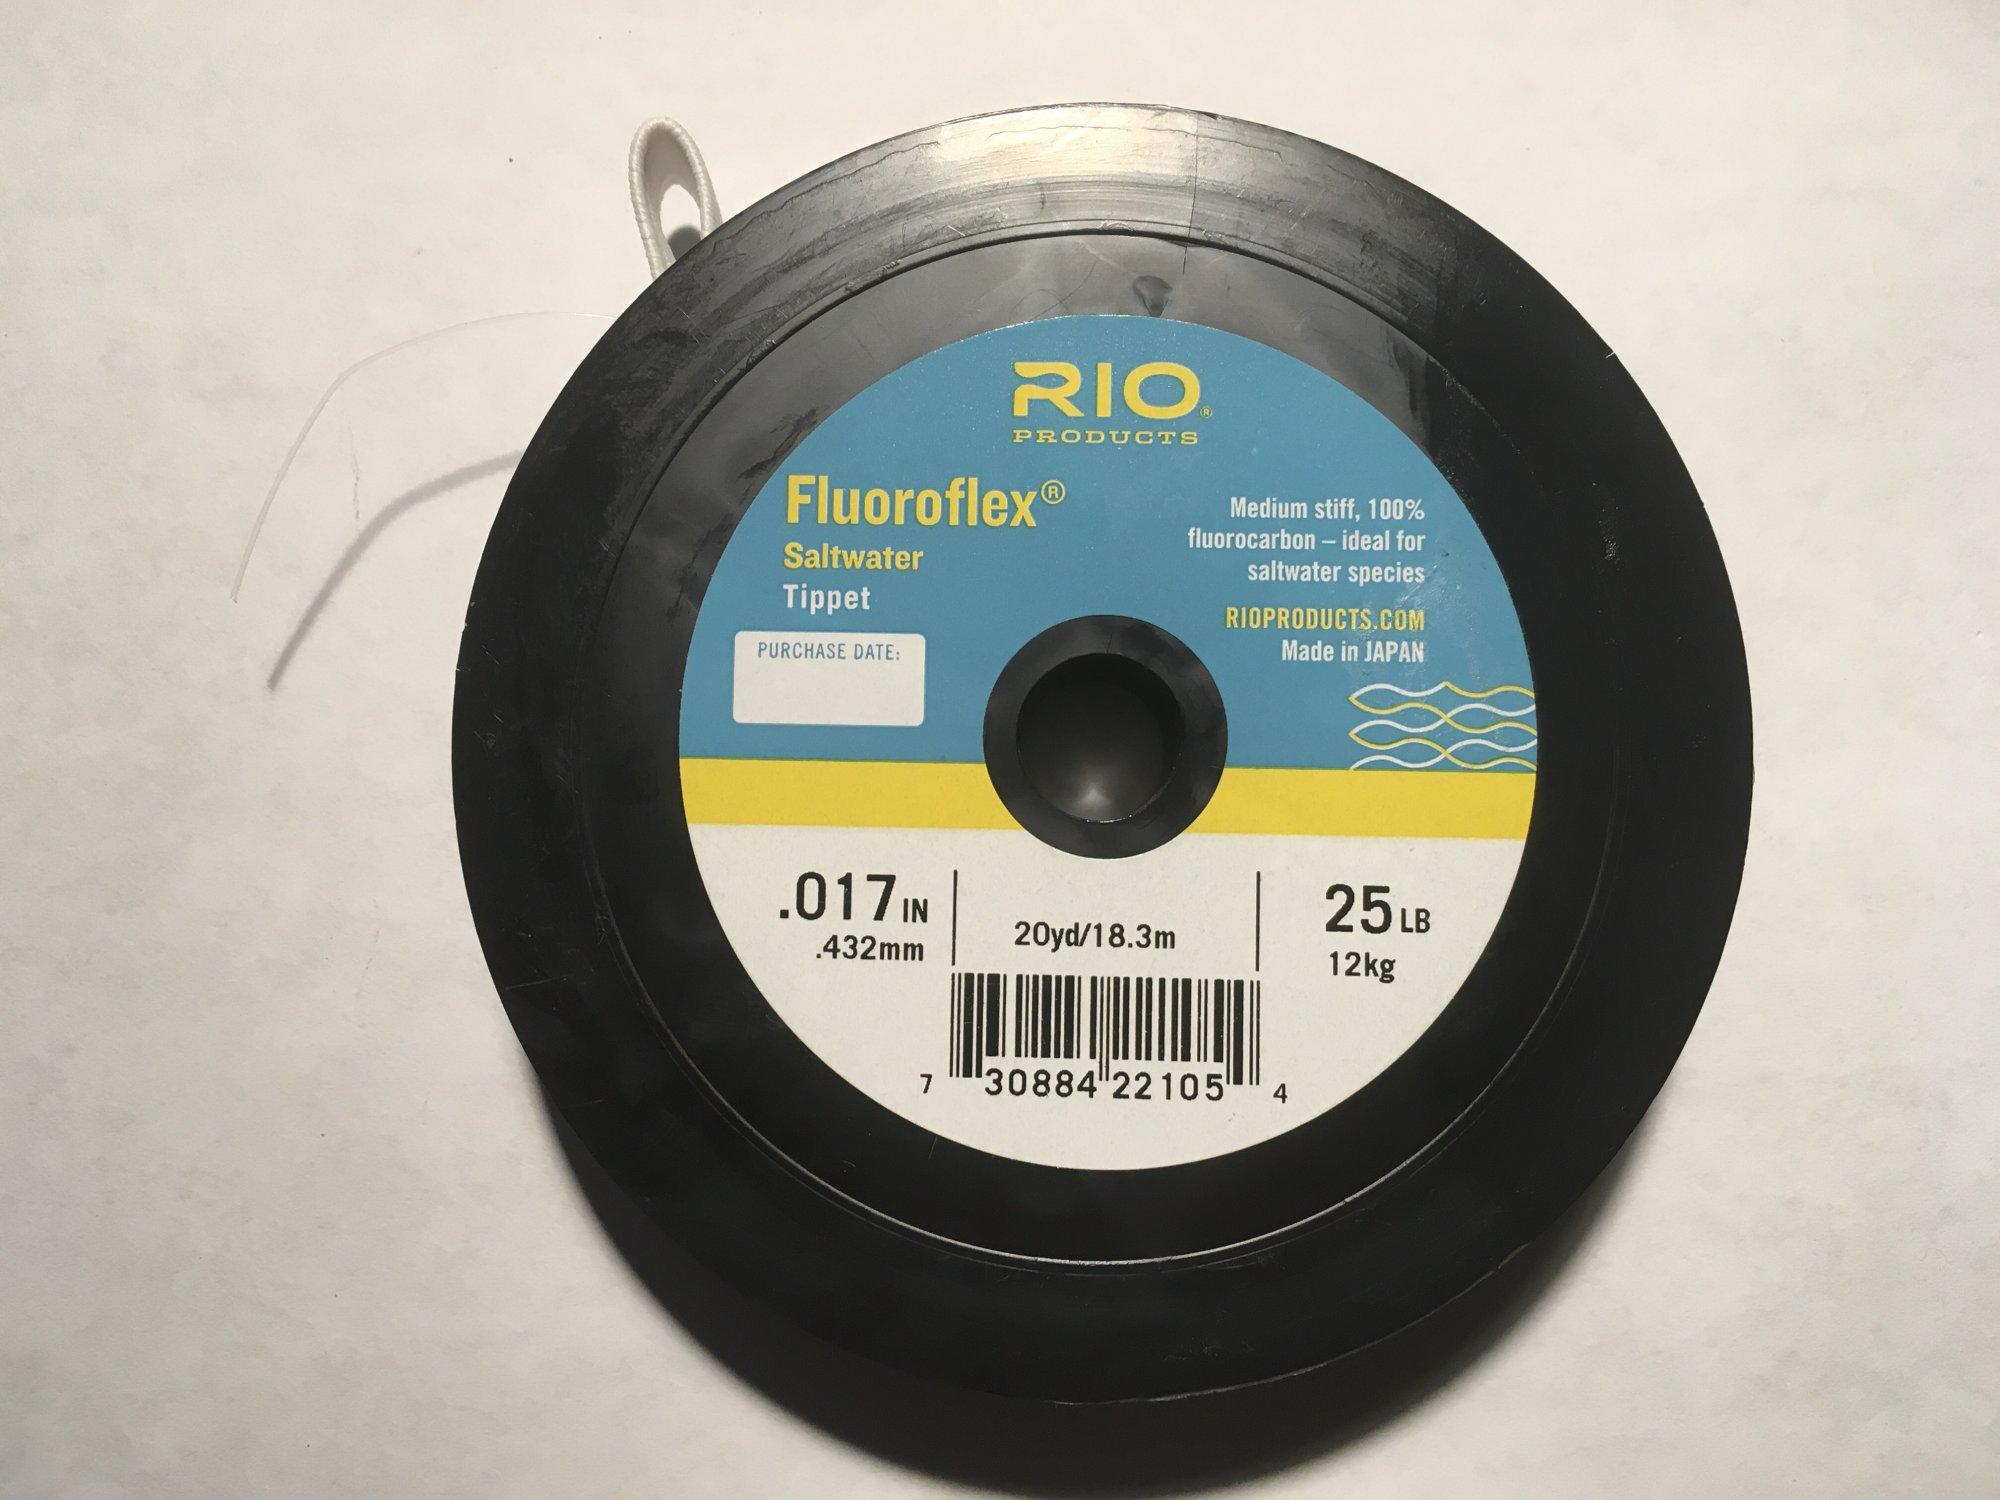 Flouroflex Saltwater Tippet | 20 yds 25 lb